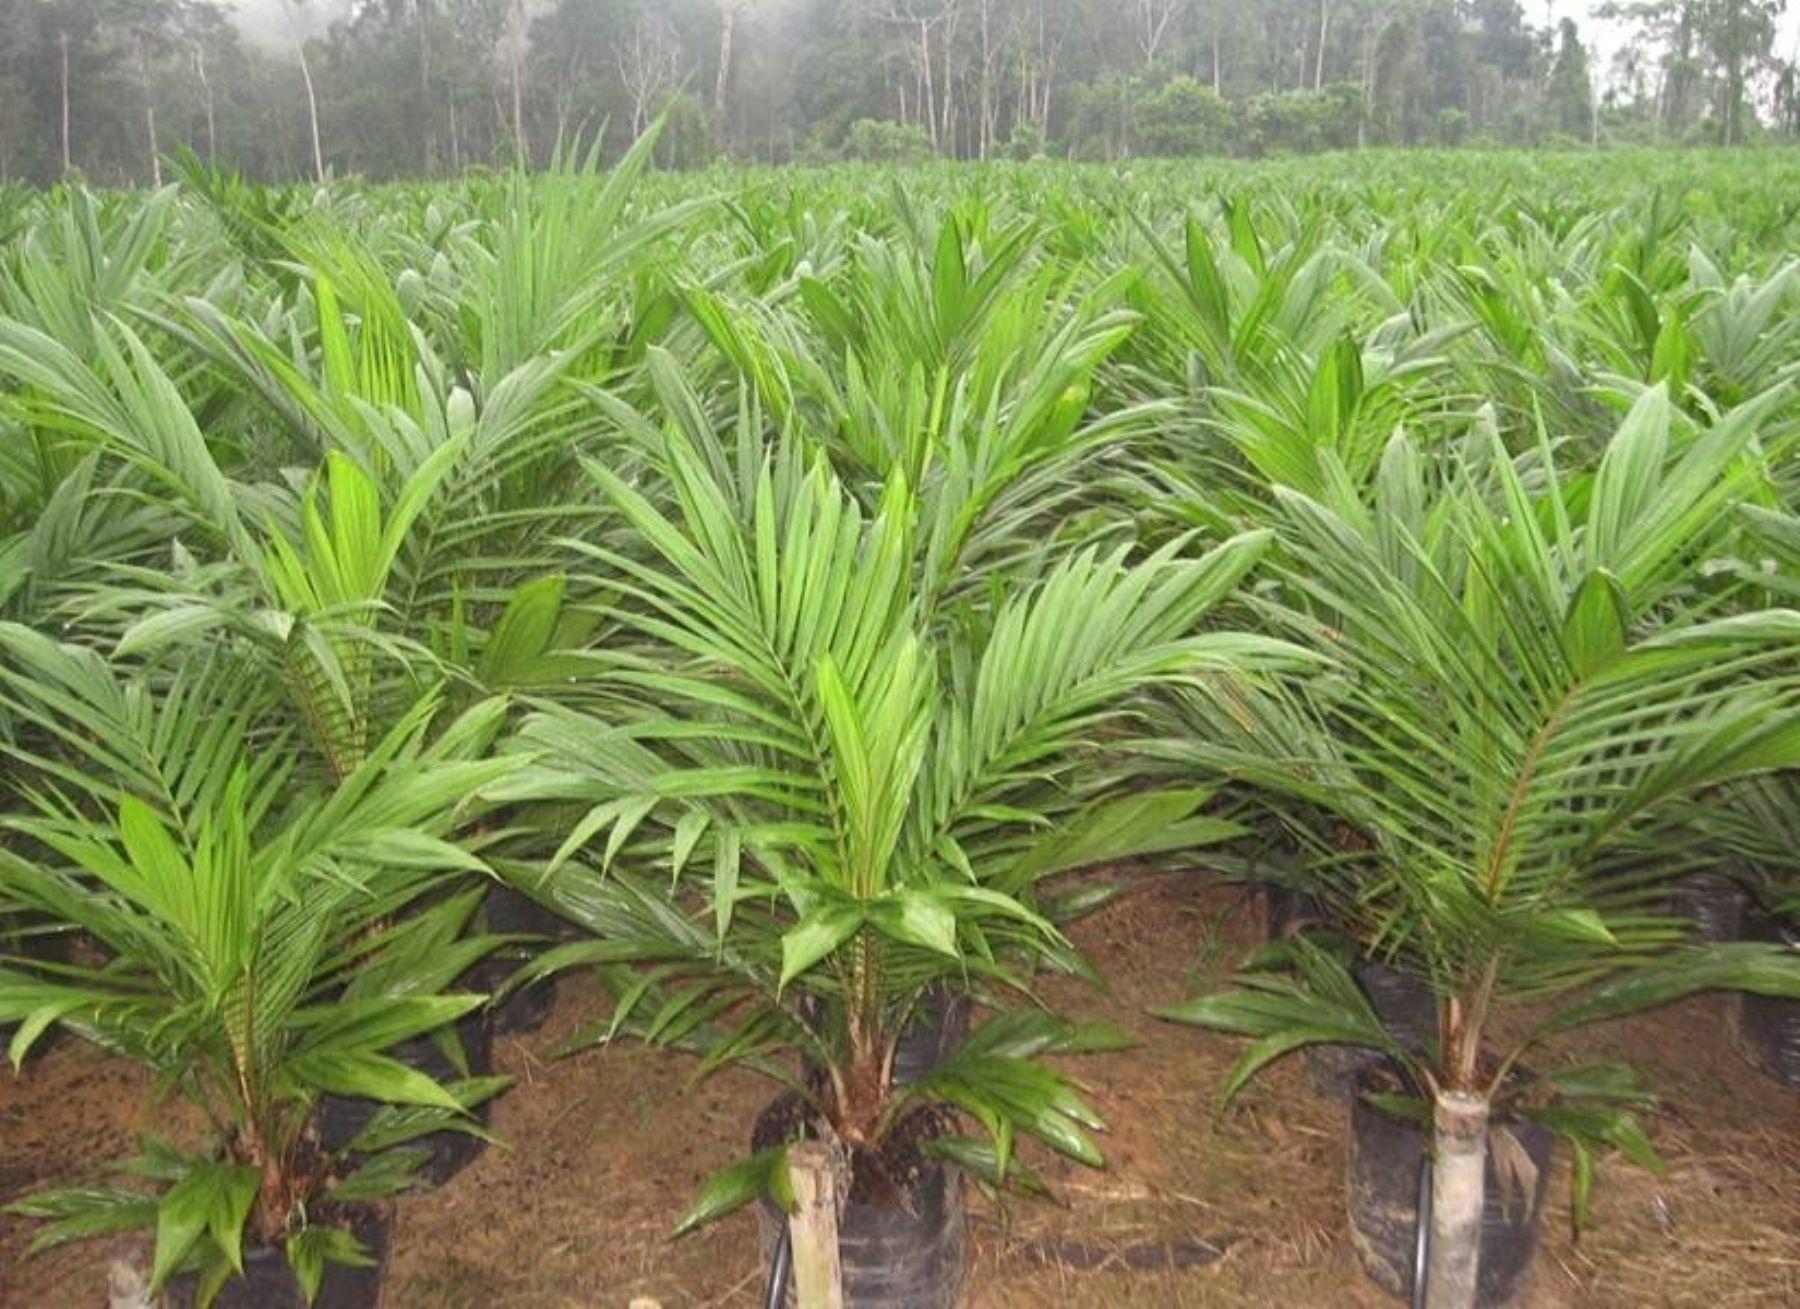 Banco noruego cancela sus inversiones en Alicorp por deforestación y violaciones de derechos humanos en la cadena de producción de aceite de palma